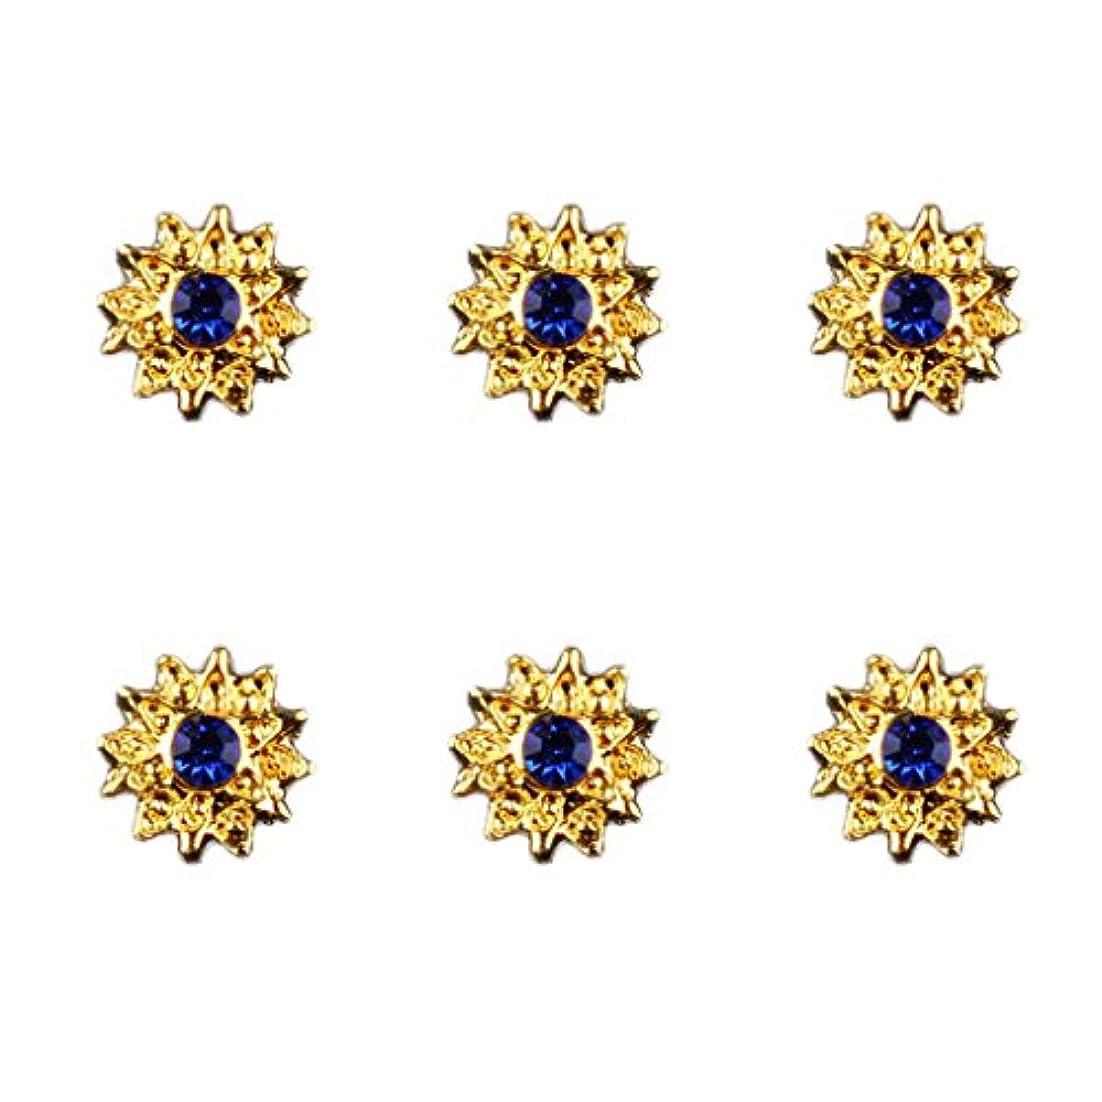 拒絶するヘクタール突然のSM SunniMix 約50個入り マニキュア ダイヤモンド 3Dネイルアート ヒントステッカー 装飾 全8種類 - 6